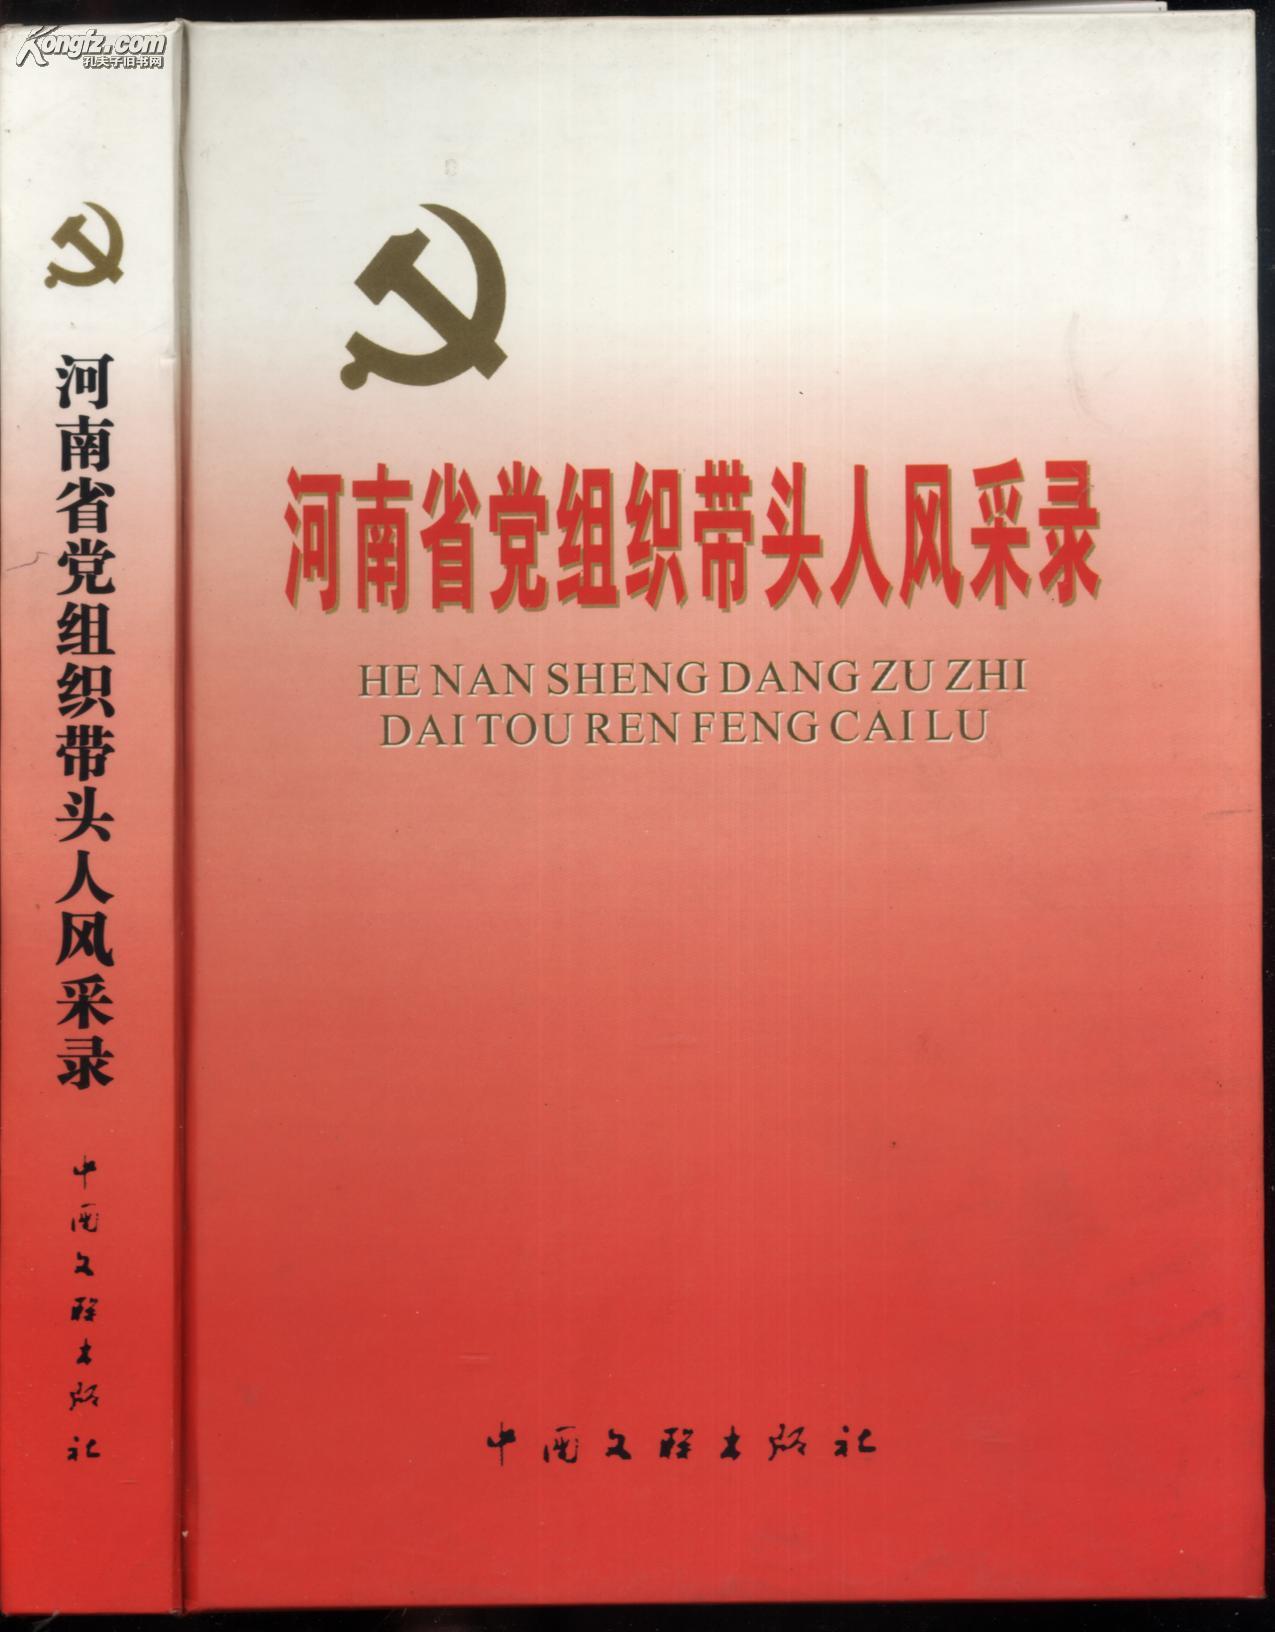 河南省党组织带头人风采录